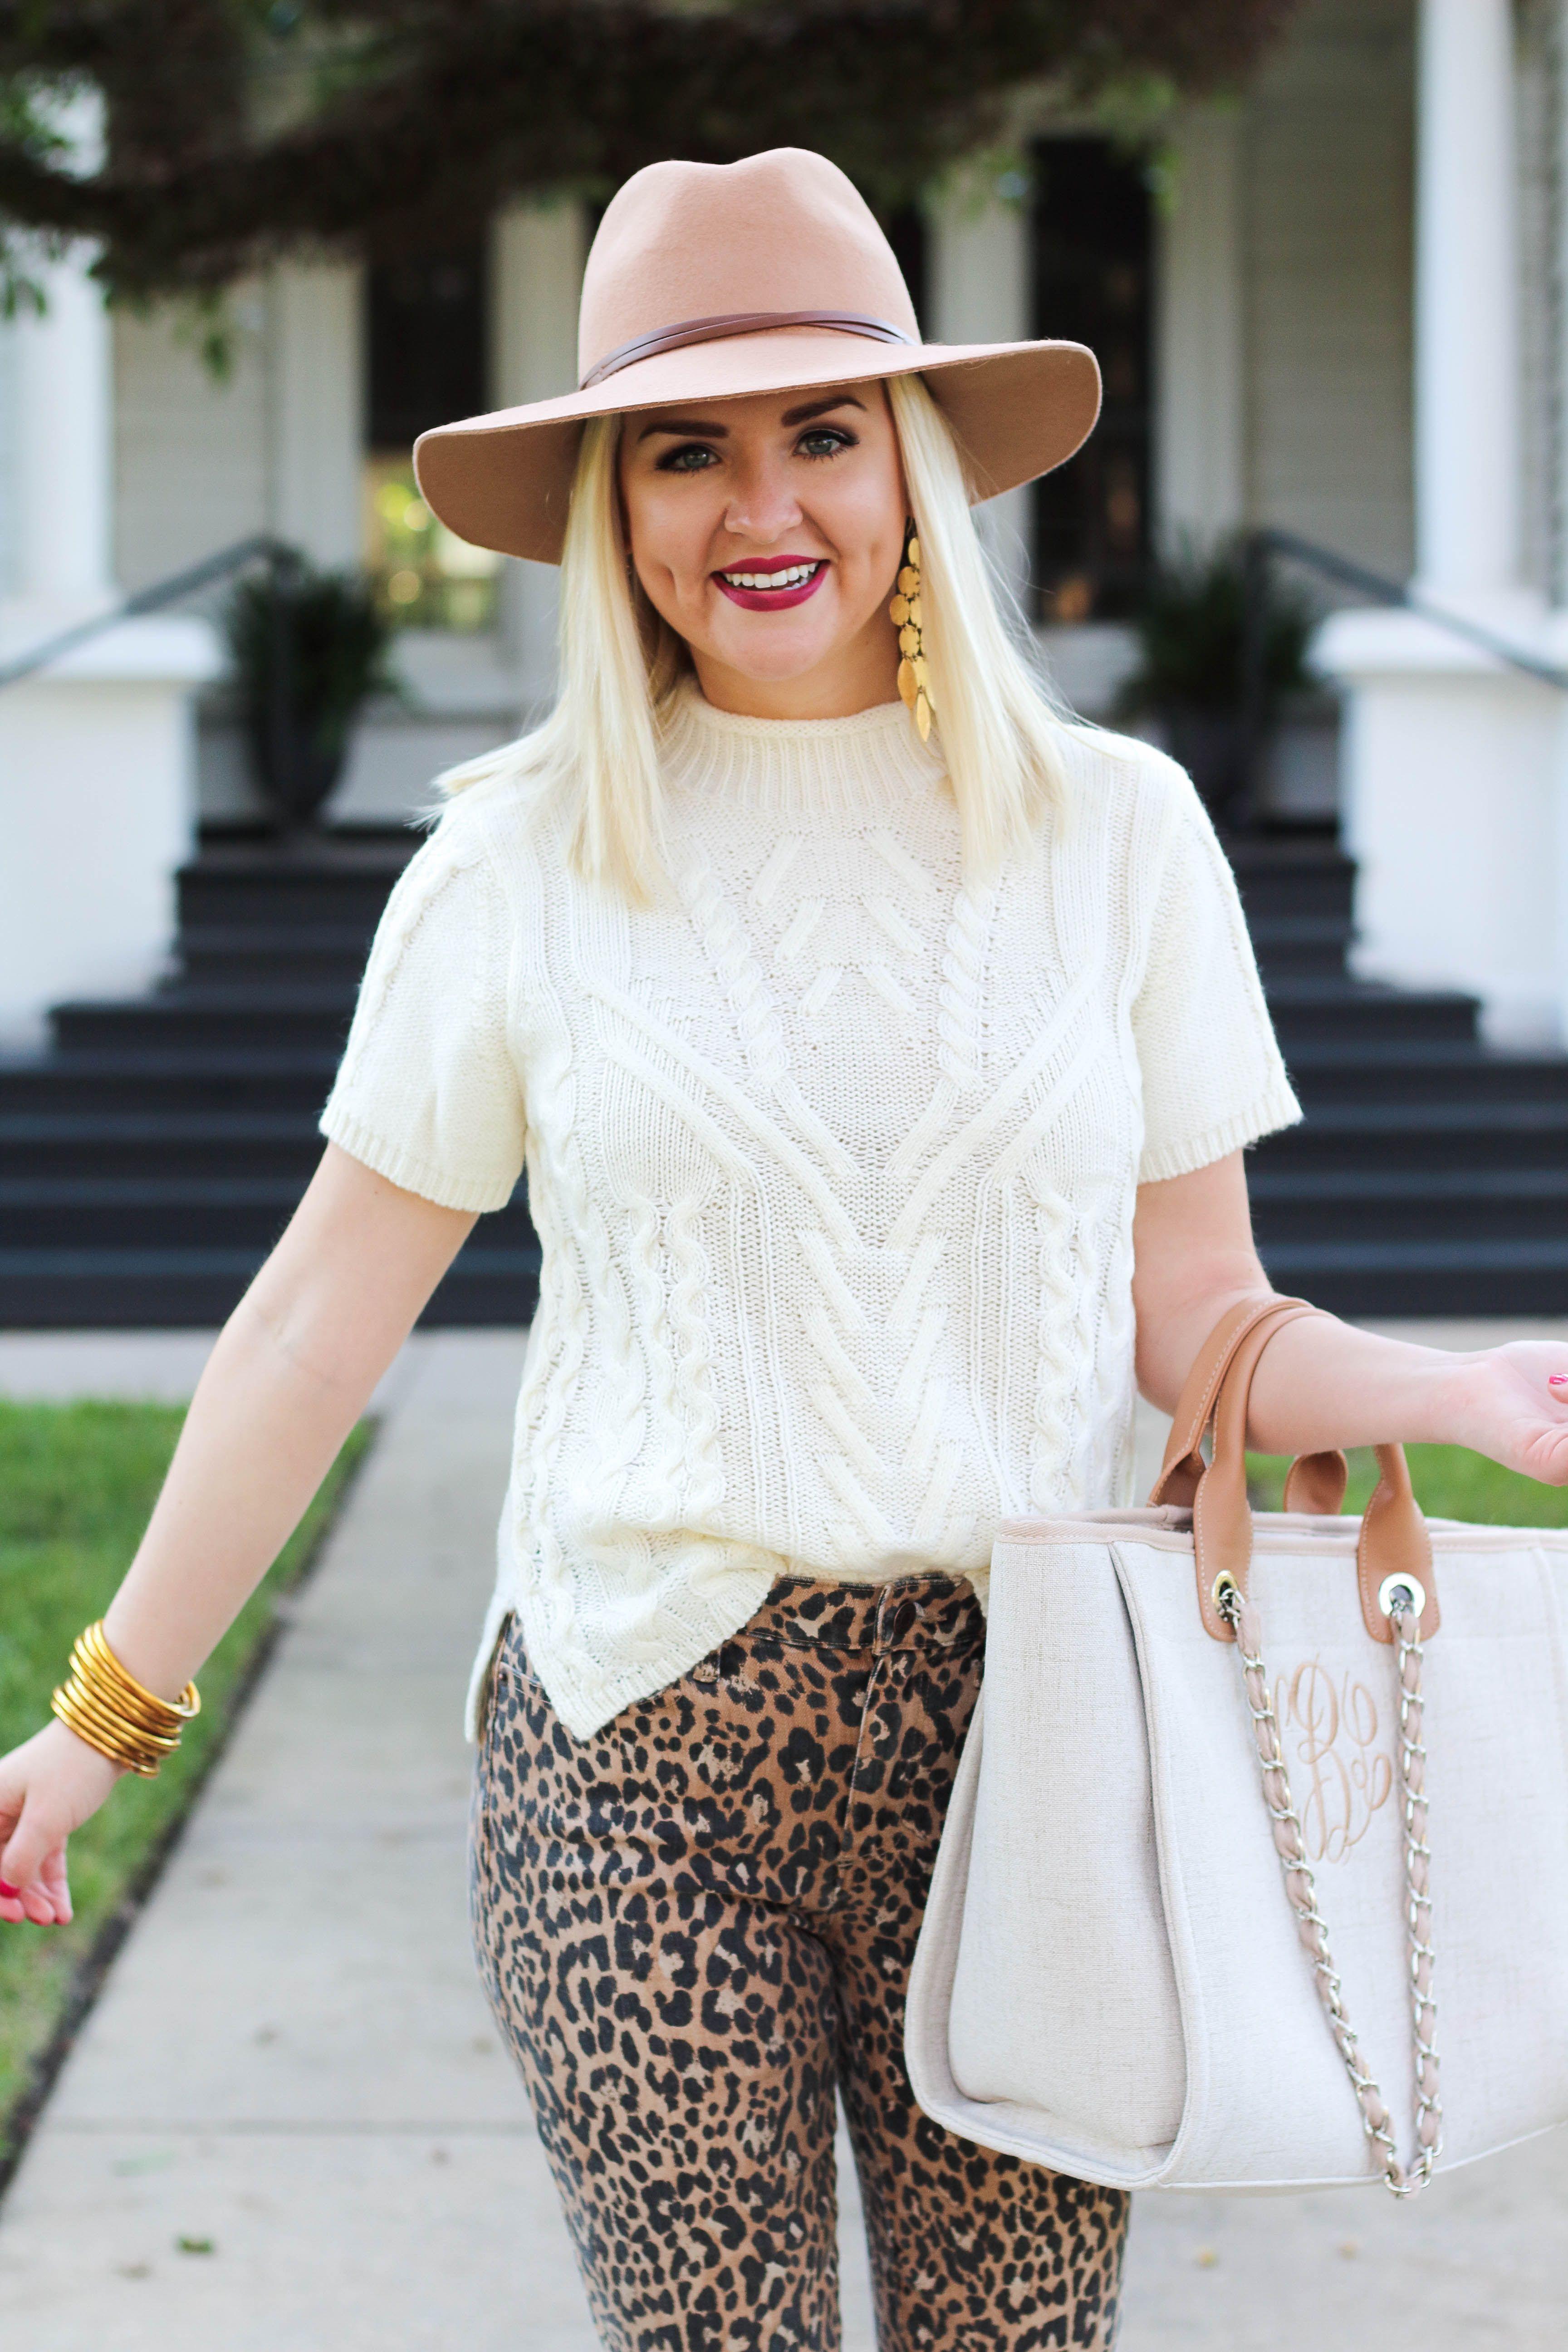 b74f1b9bbfa Sassy Southern Blonde - A Fashion   Lifestyle Blog by Kelsie Bynum ...